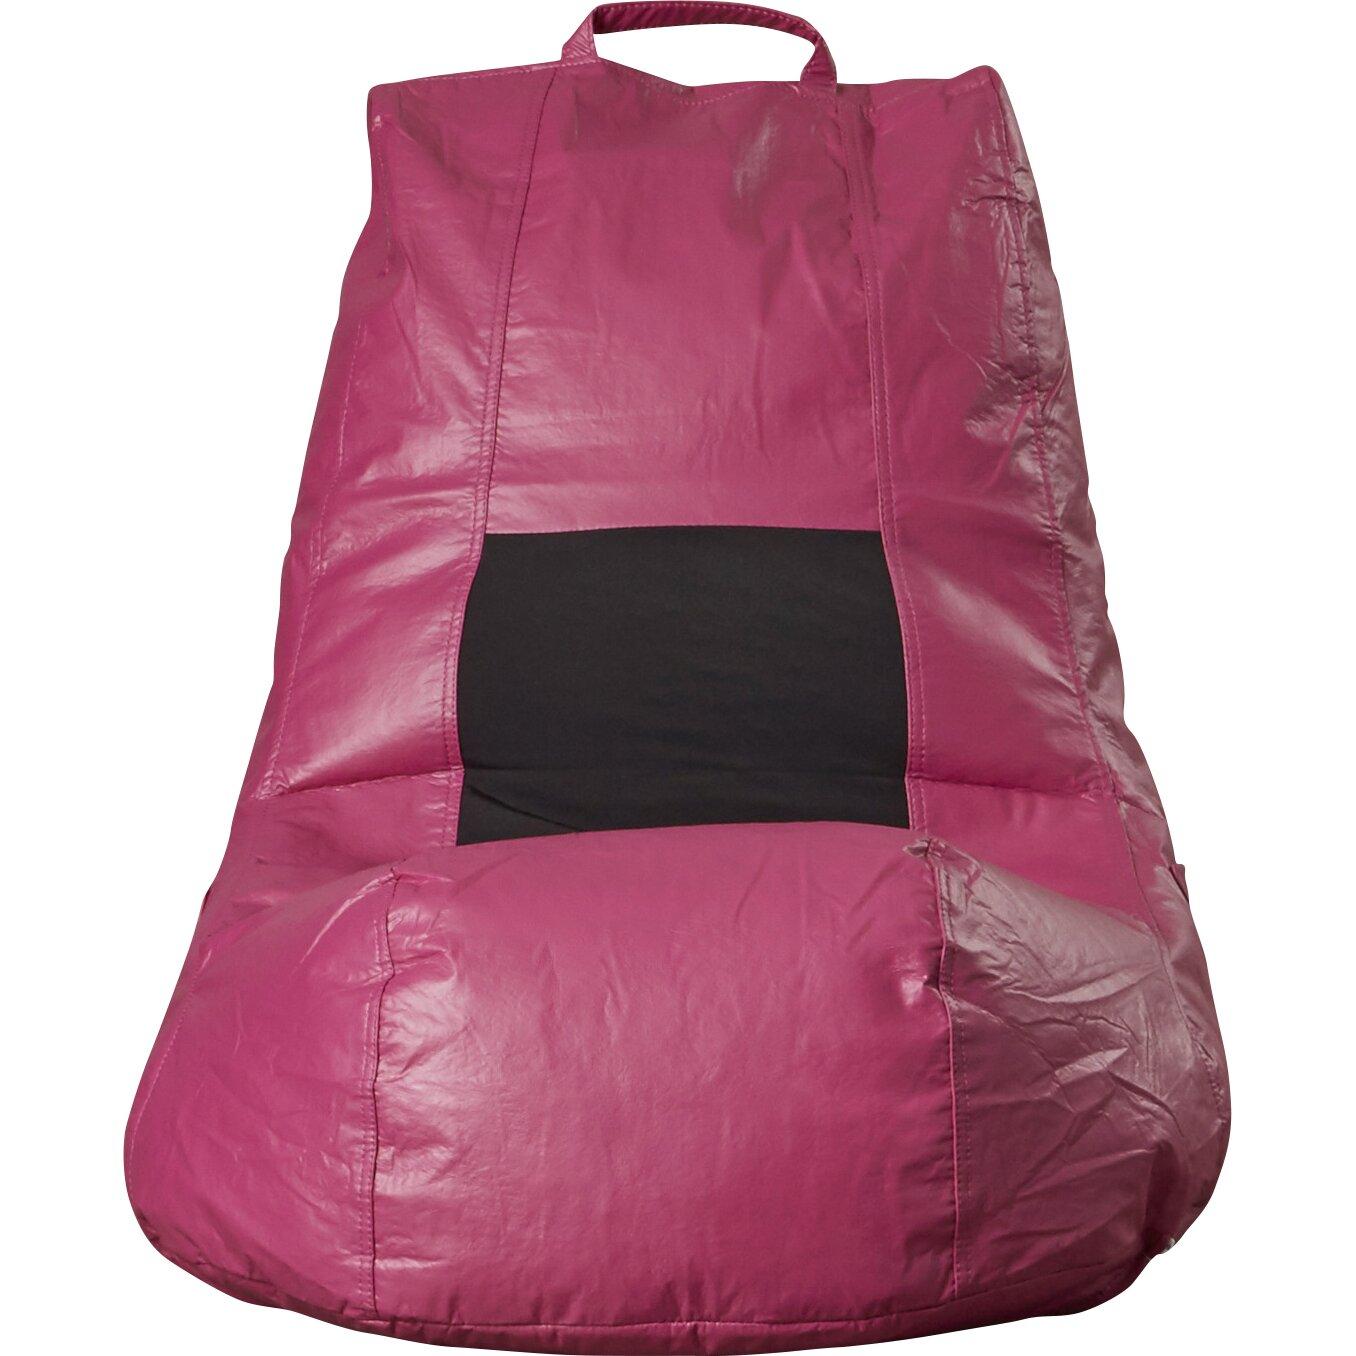 Wade Logan Jasper Vinyl Bean Bag Chair Amp Reviews Wayfair Ca